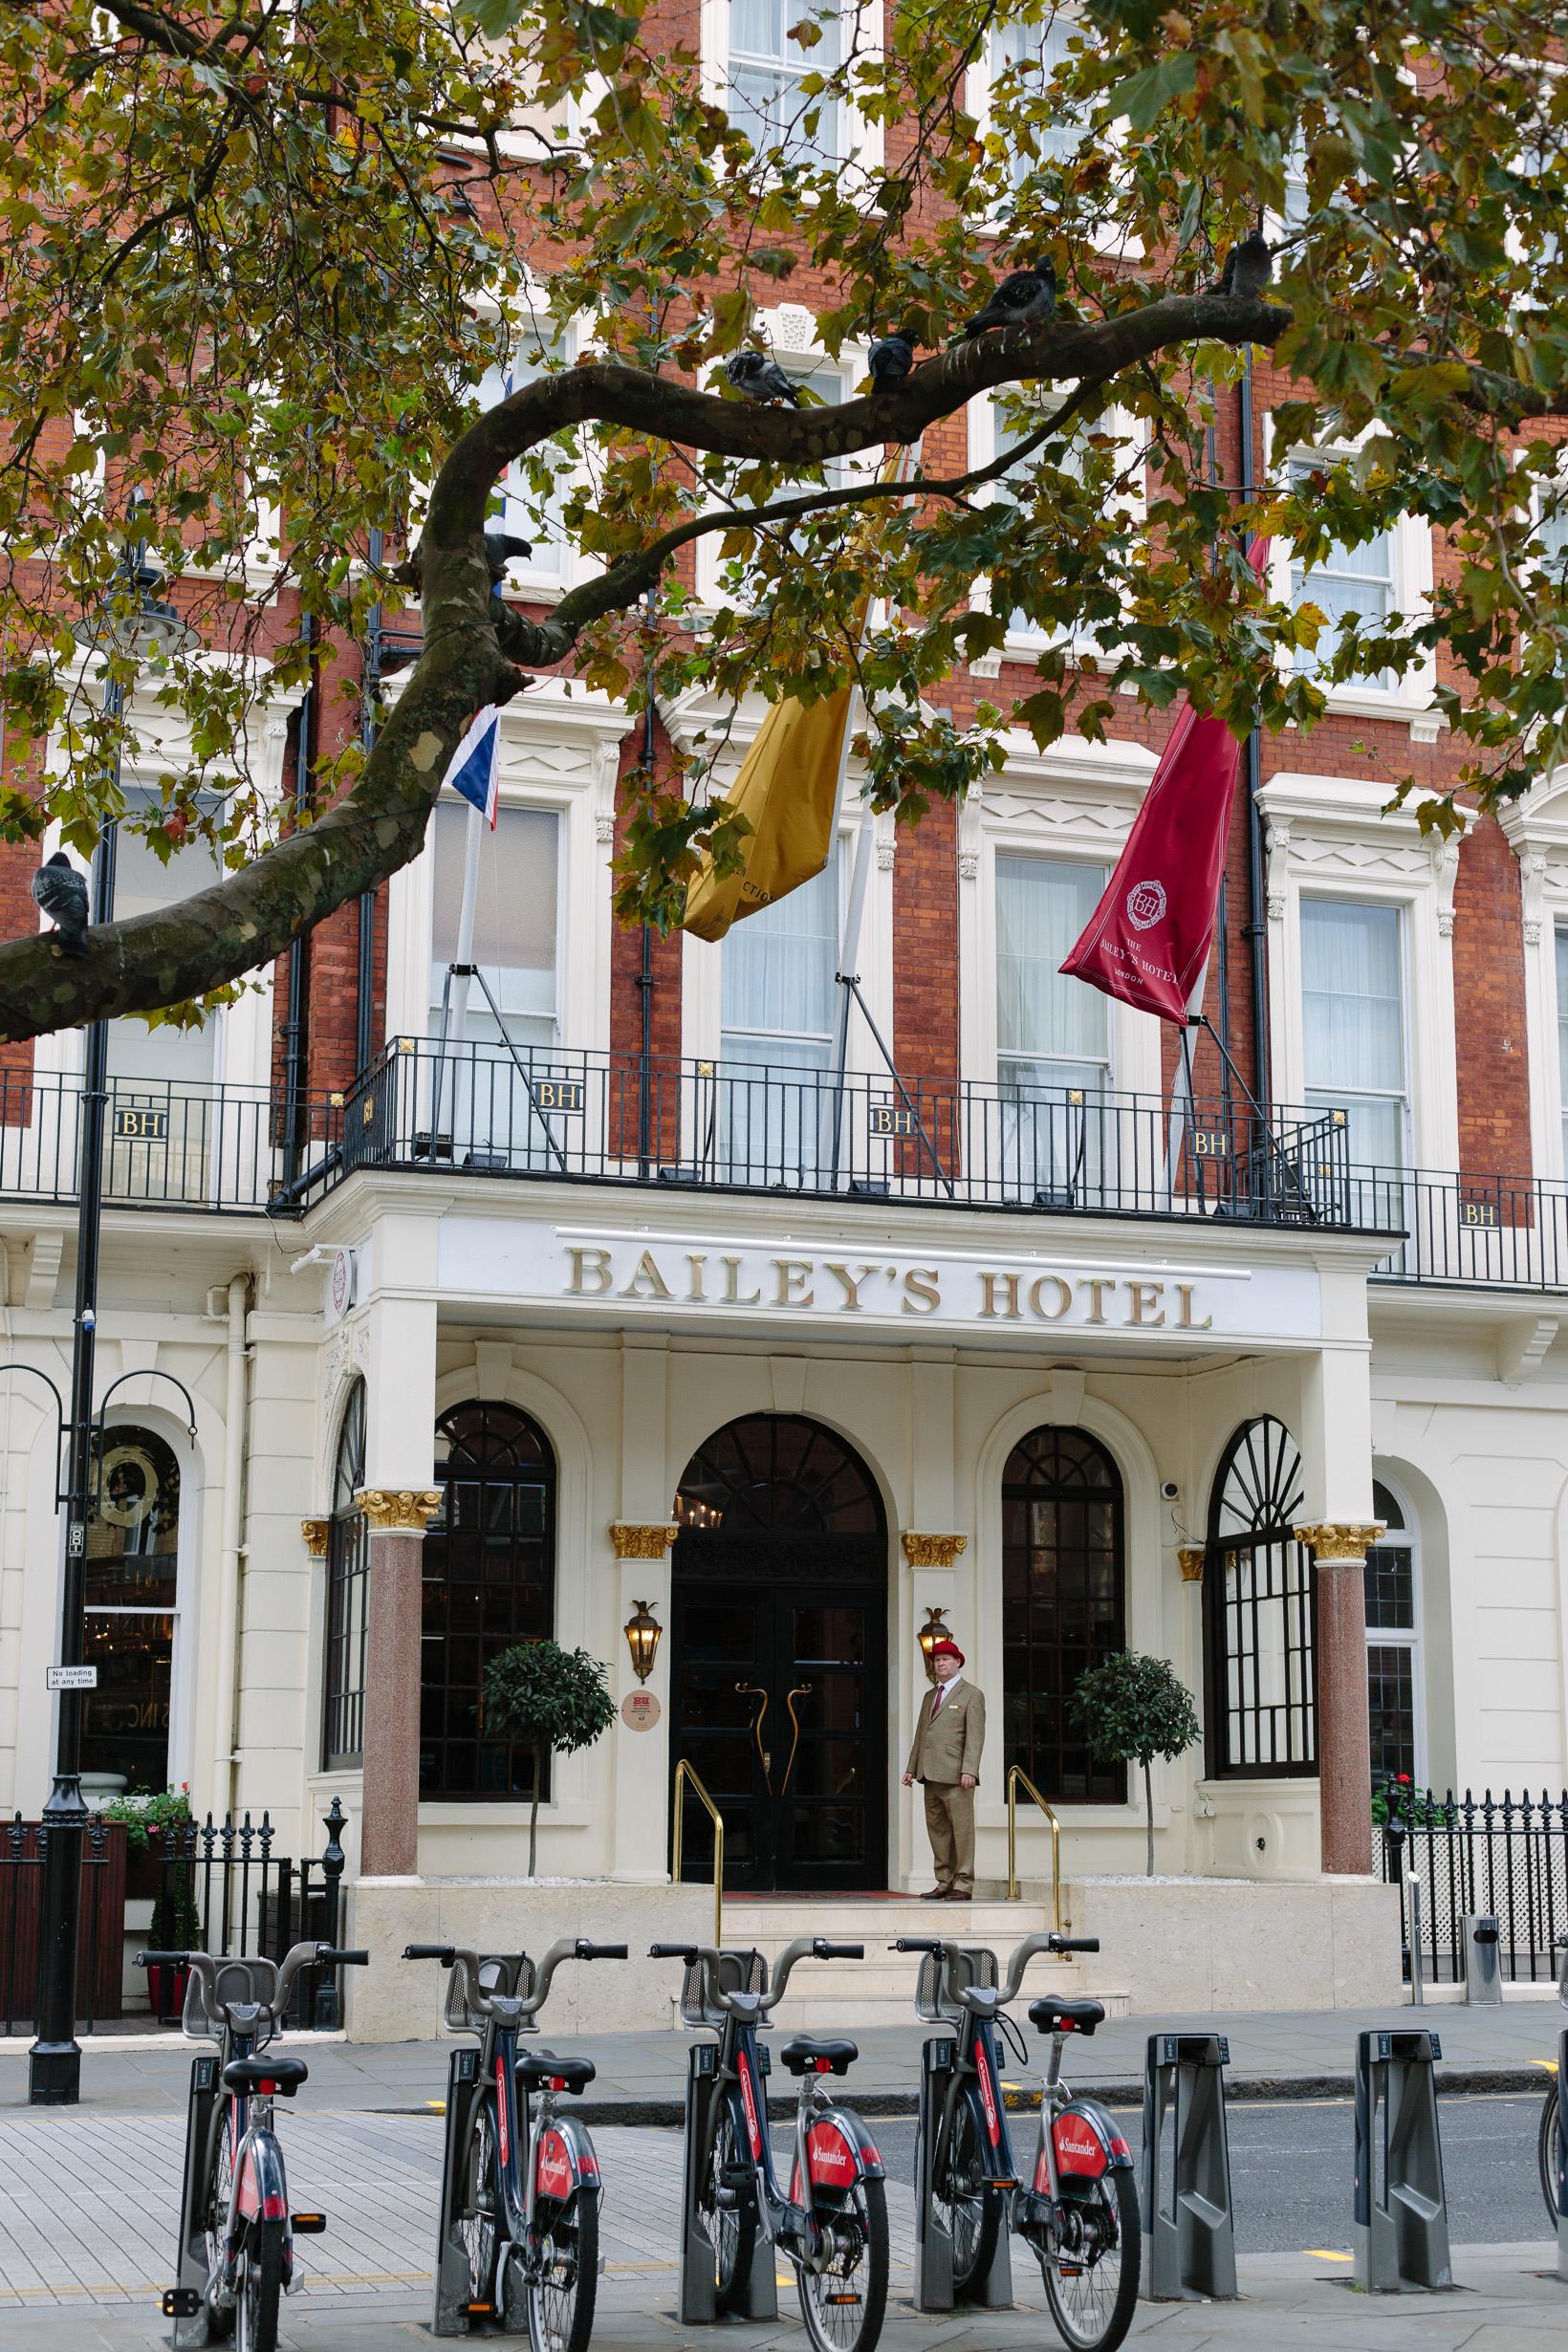 baileys-hotel-london-4859